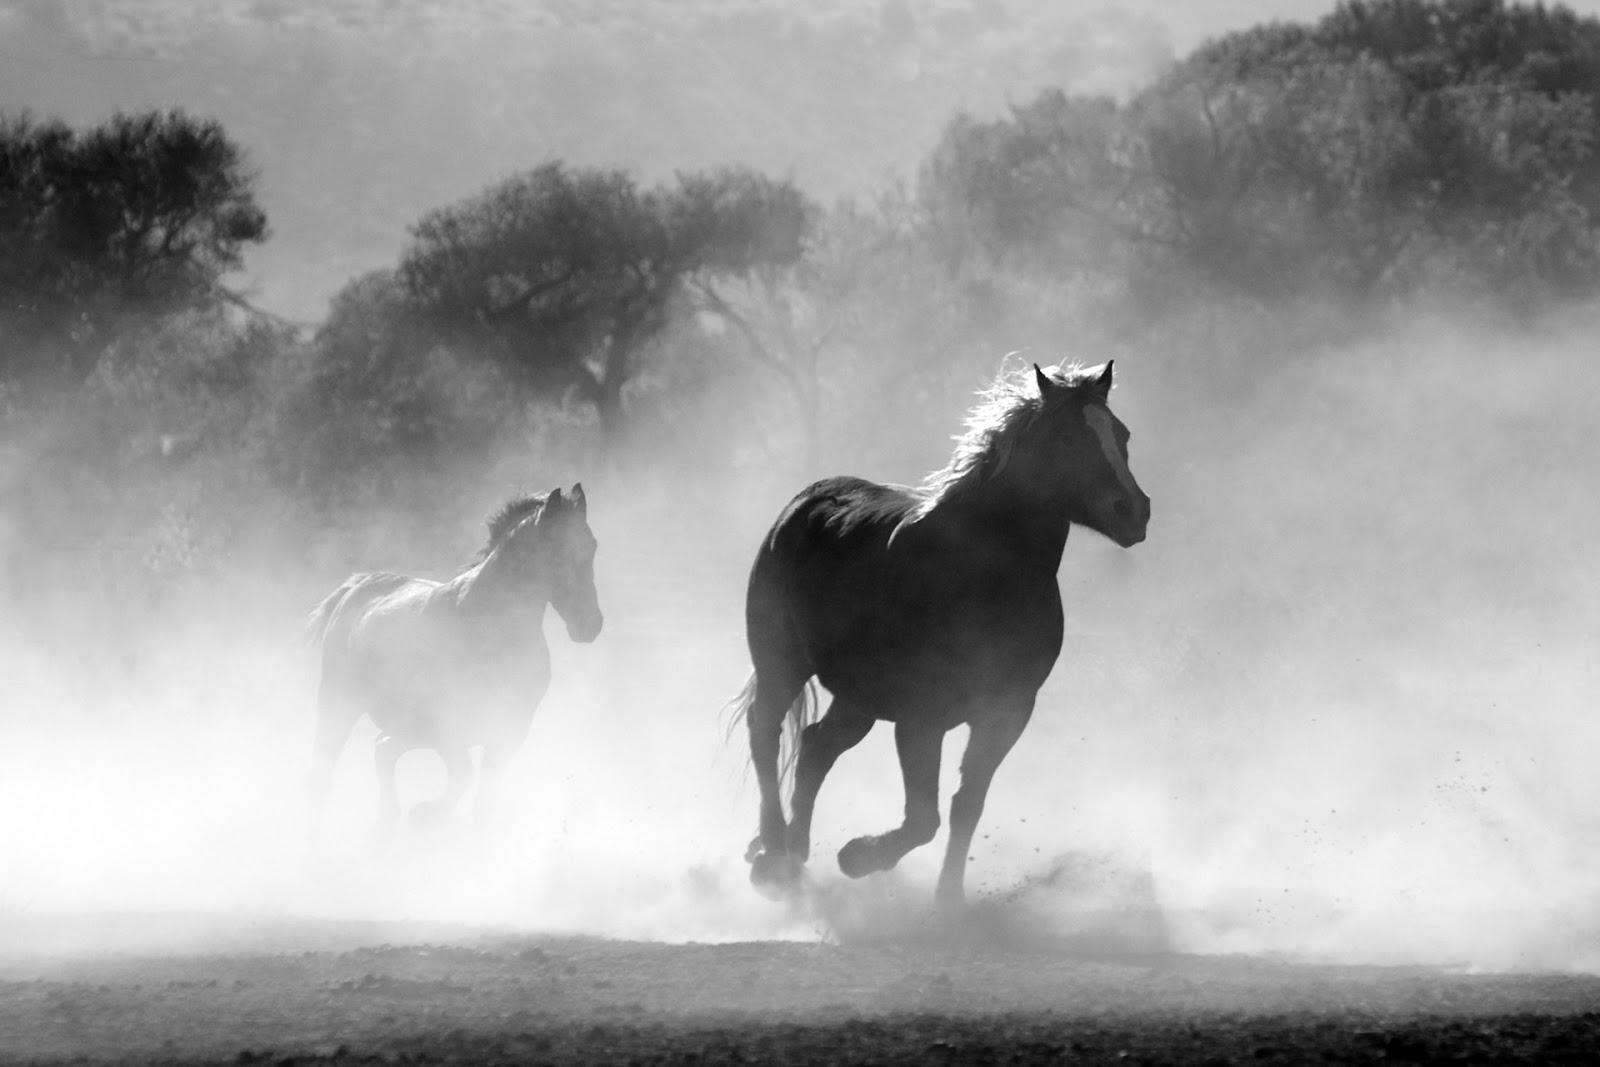 Cavalhos correndo - autofoco no movimento